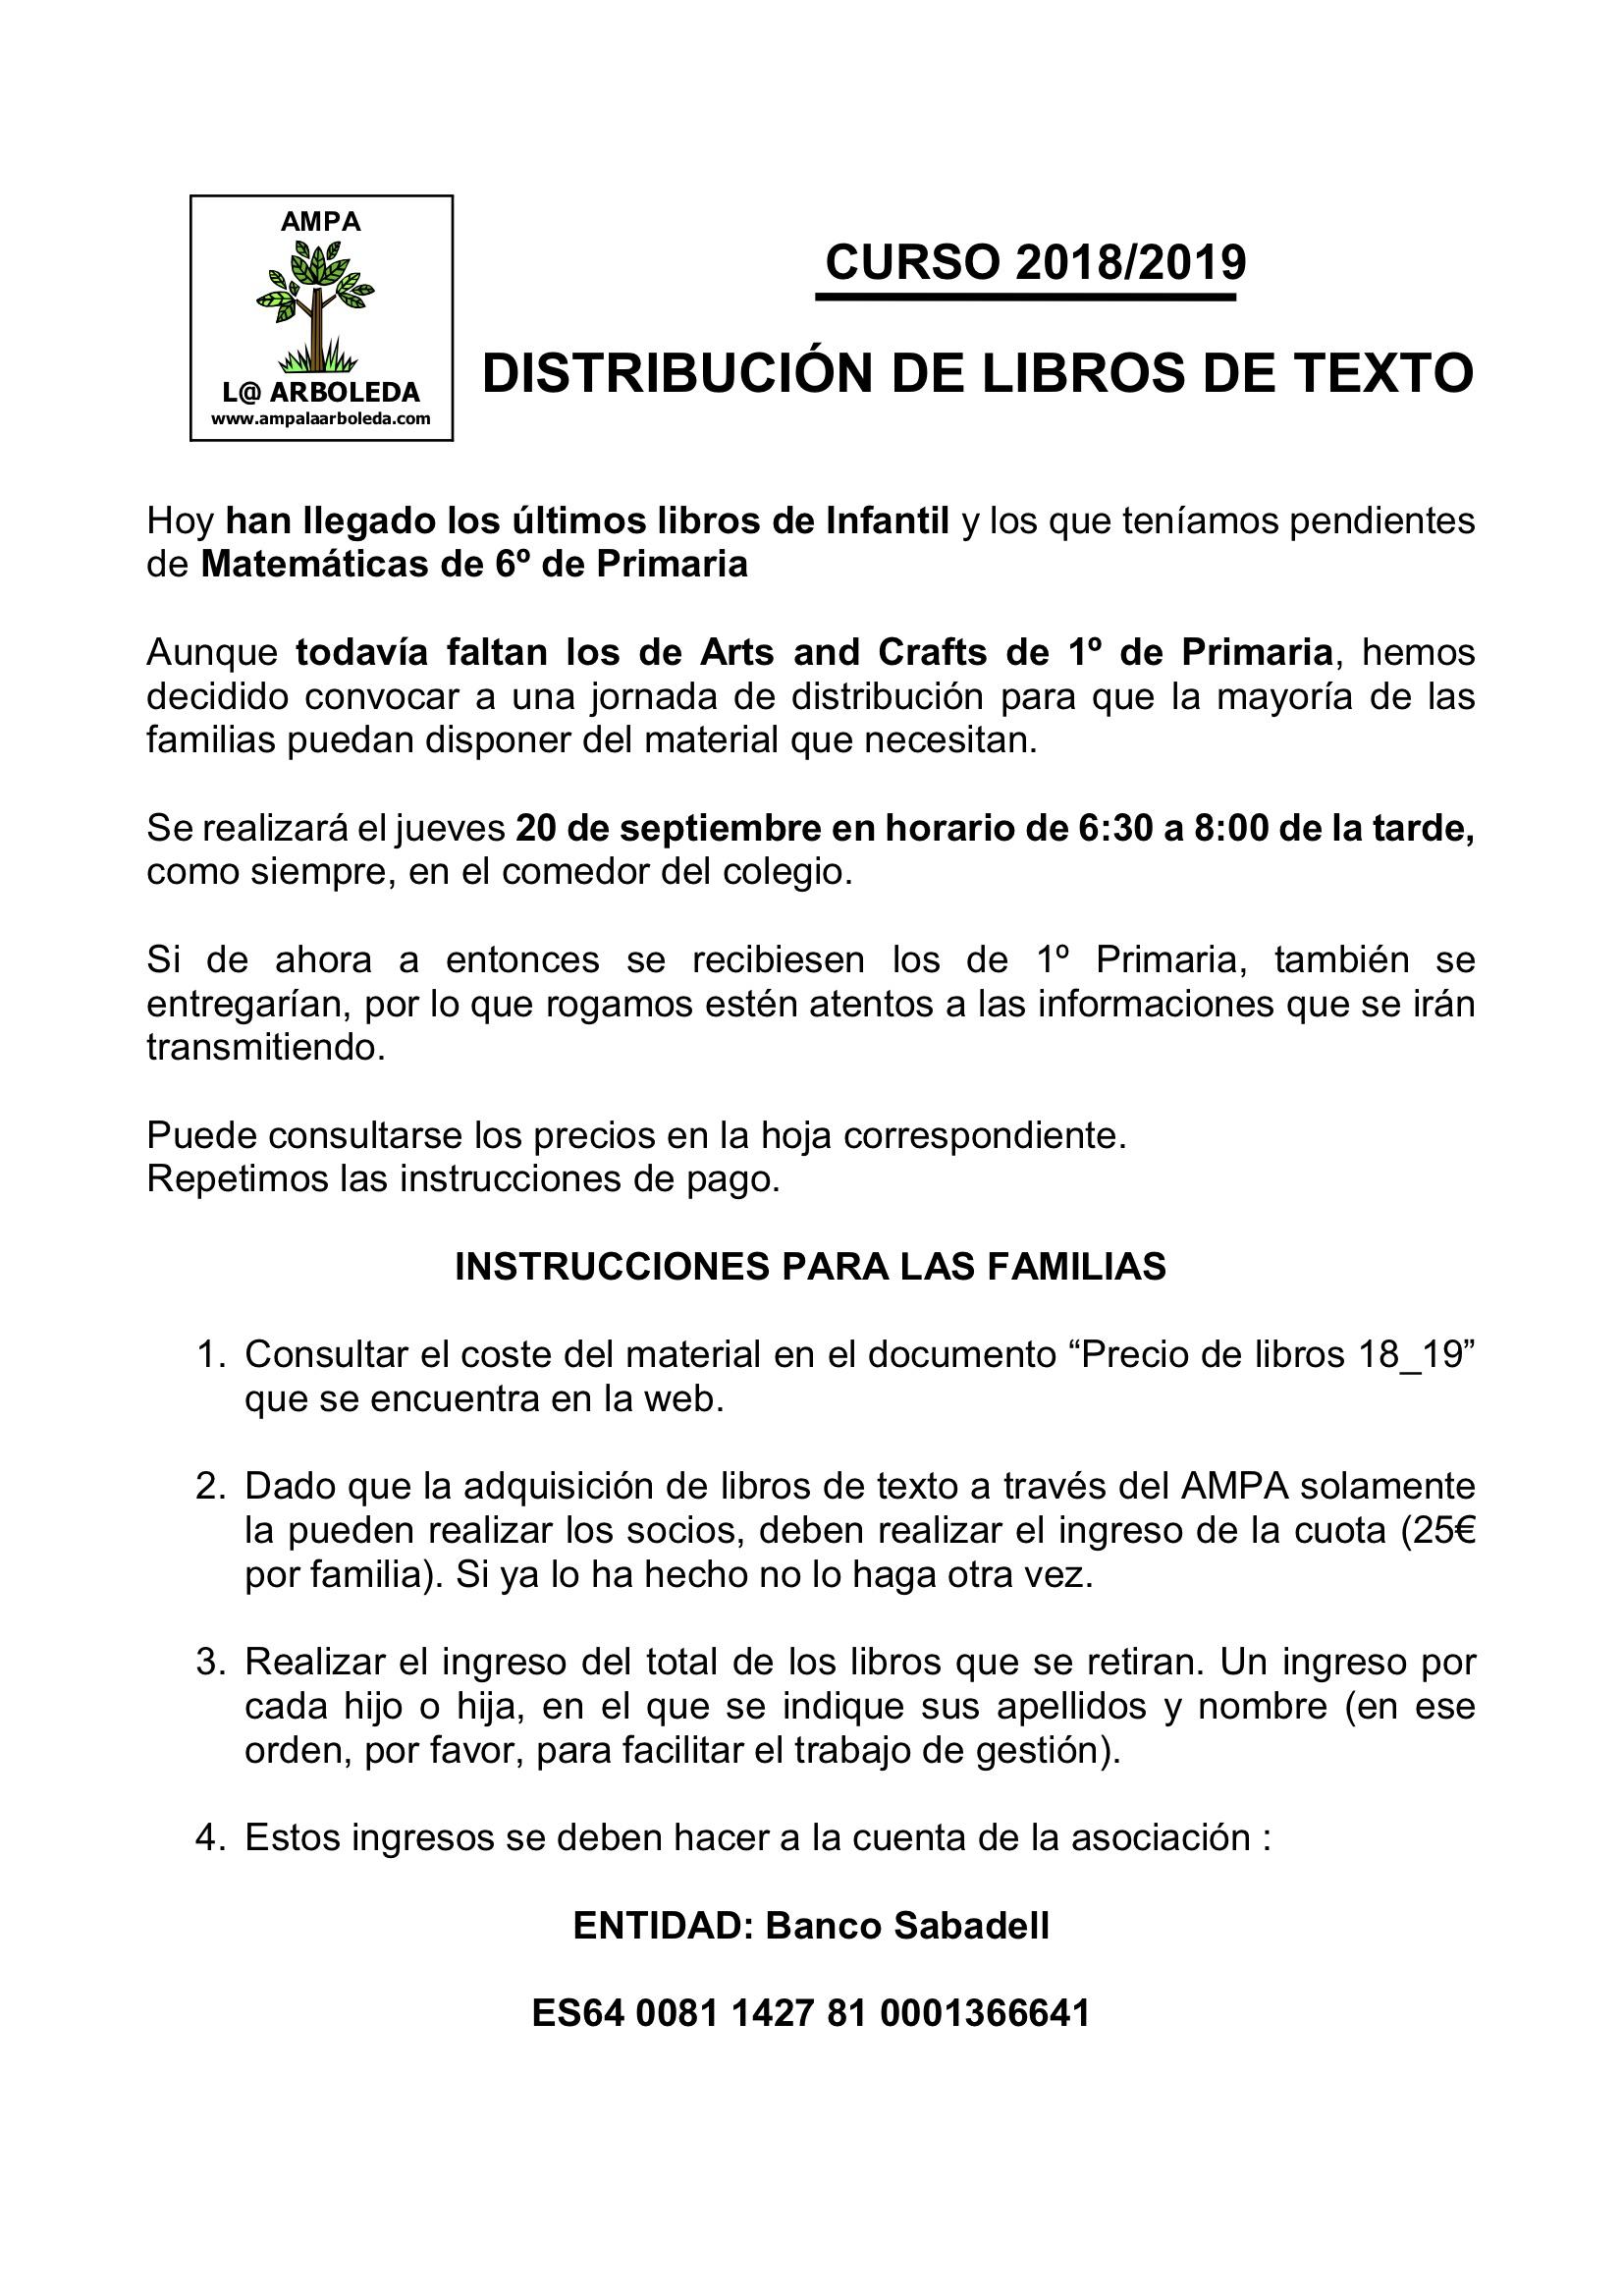 1-CIRCULAR DISTRIBUCIÓN LIBROS 2018-19 segunda sesion